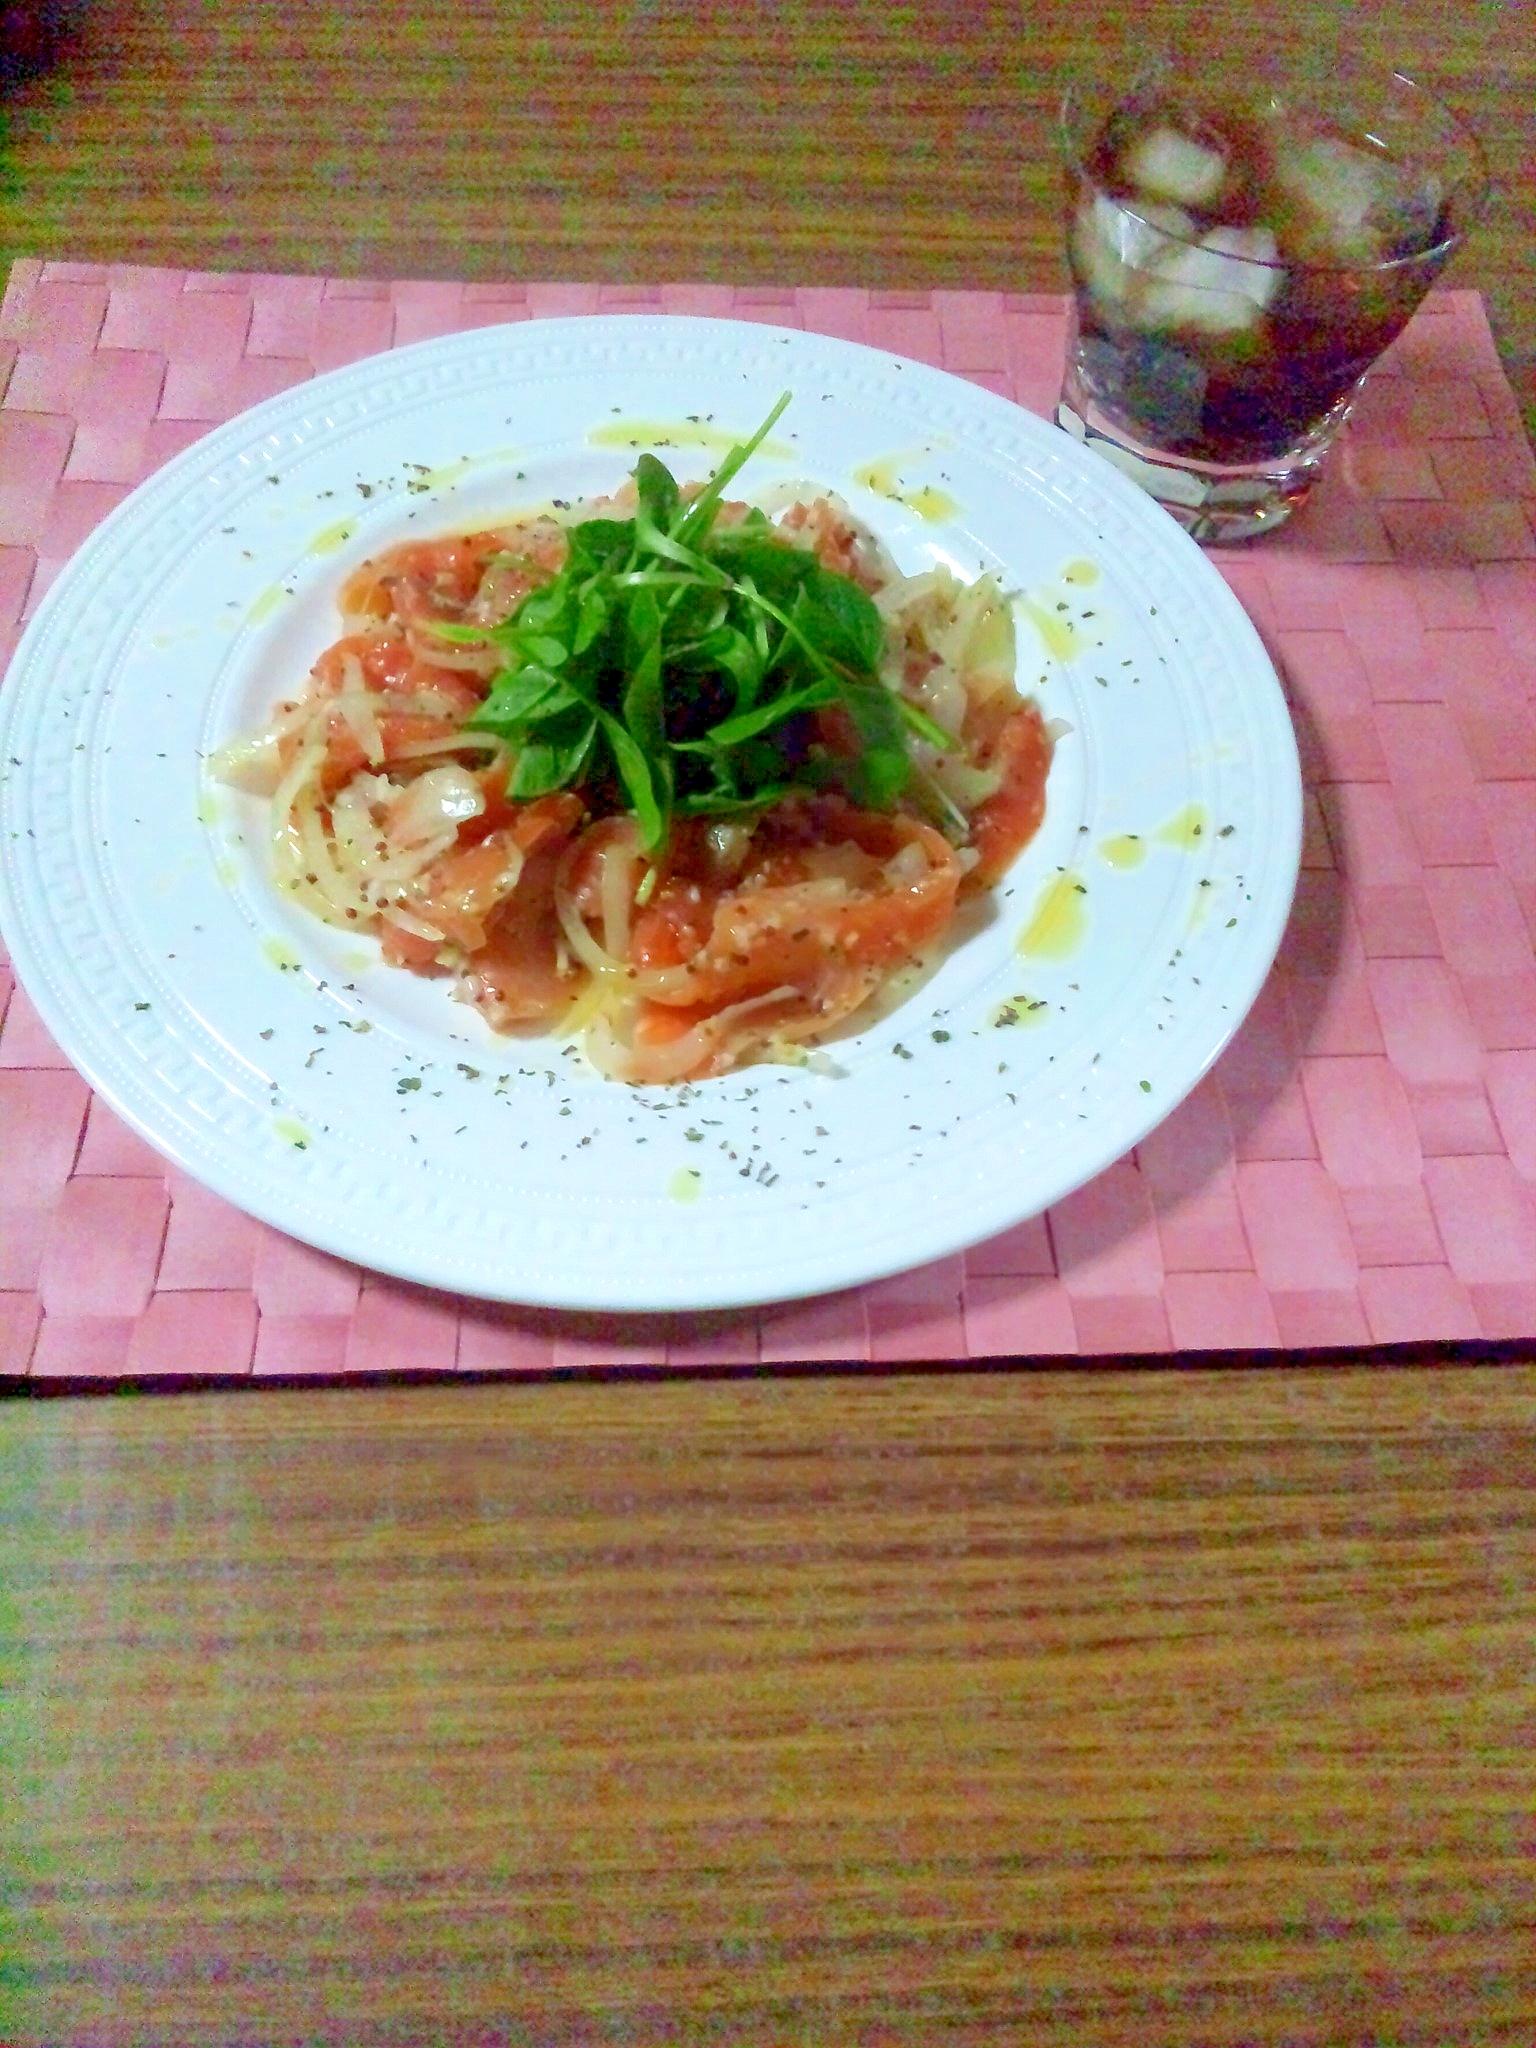 ヨウサマの『タニタ式』クリスマスダイエット食鮭編